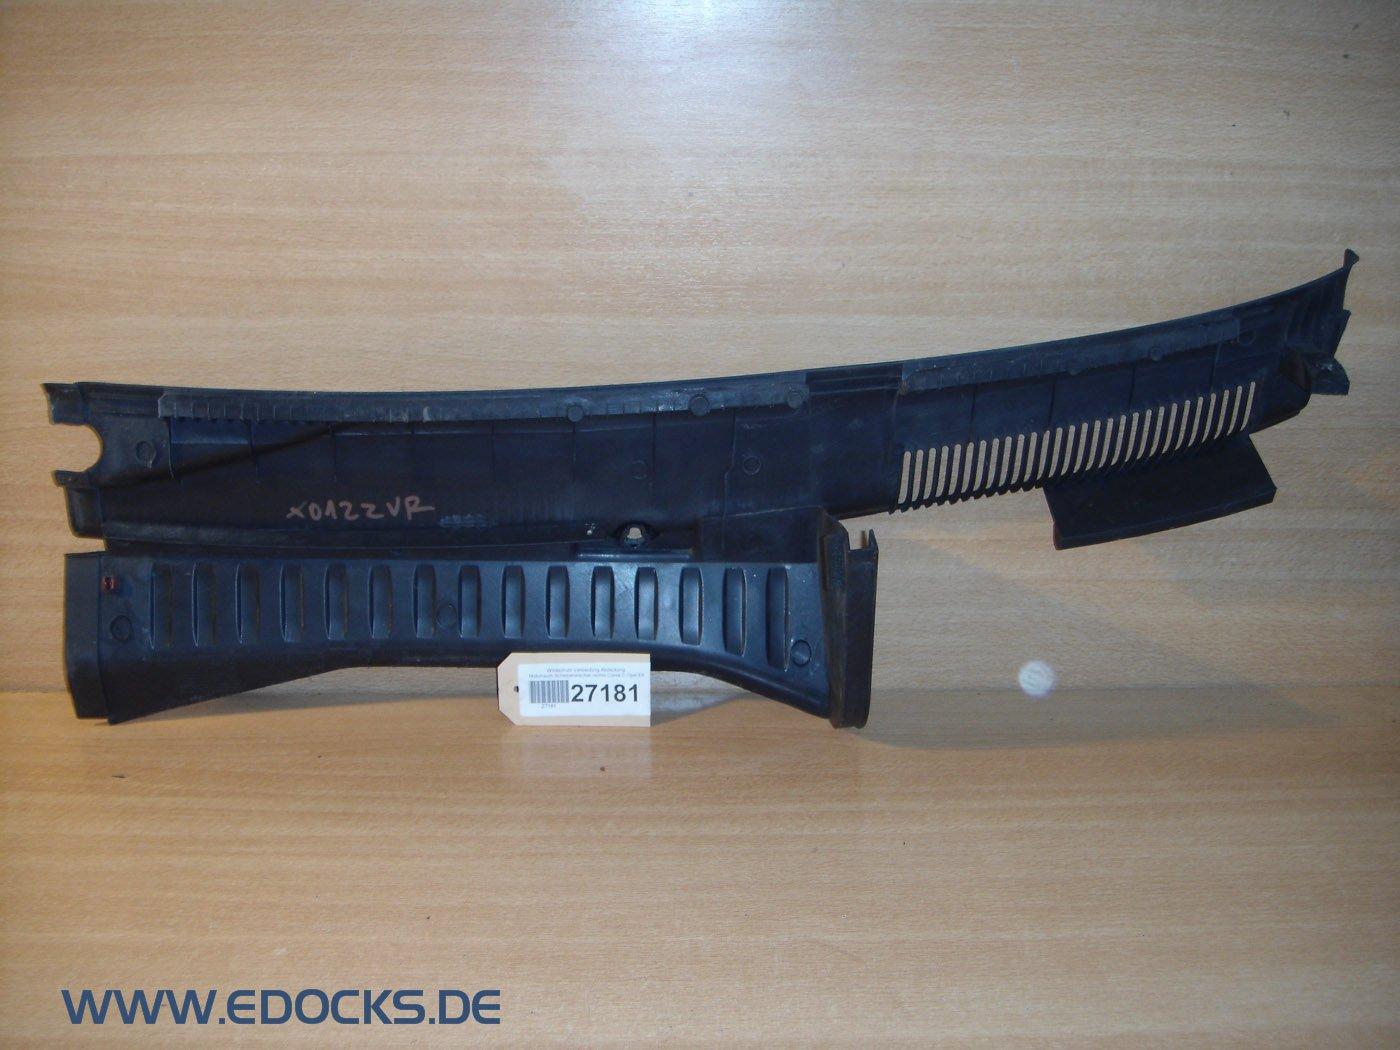 Viento protección cubierta protectora del motor Limpiaparabrisas derecho Corsa C Opel: Amazon.es: Coche y moto